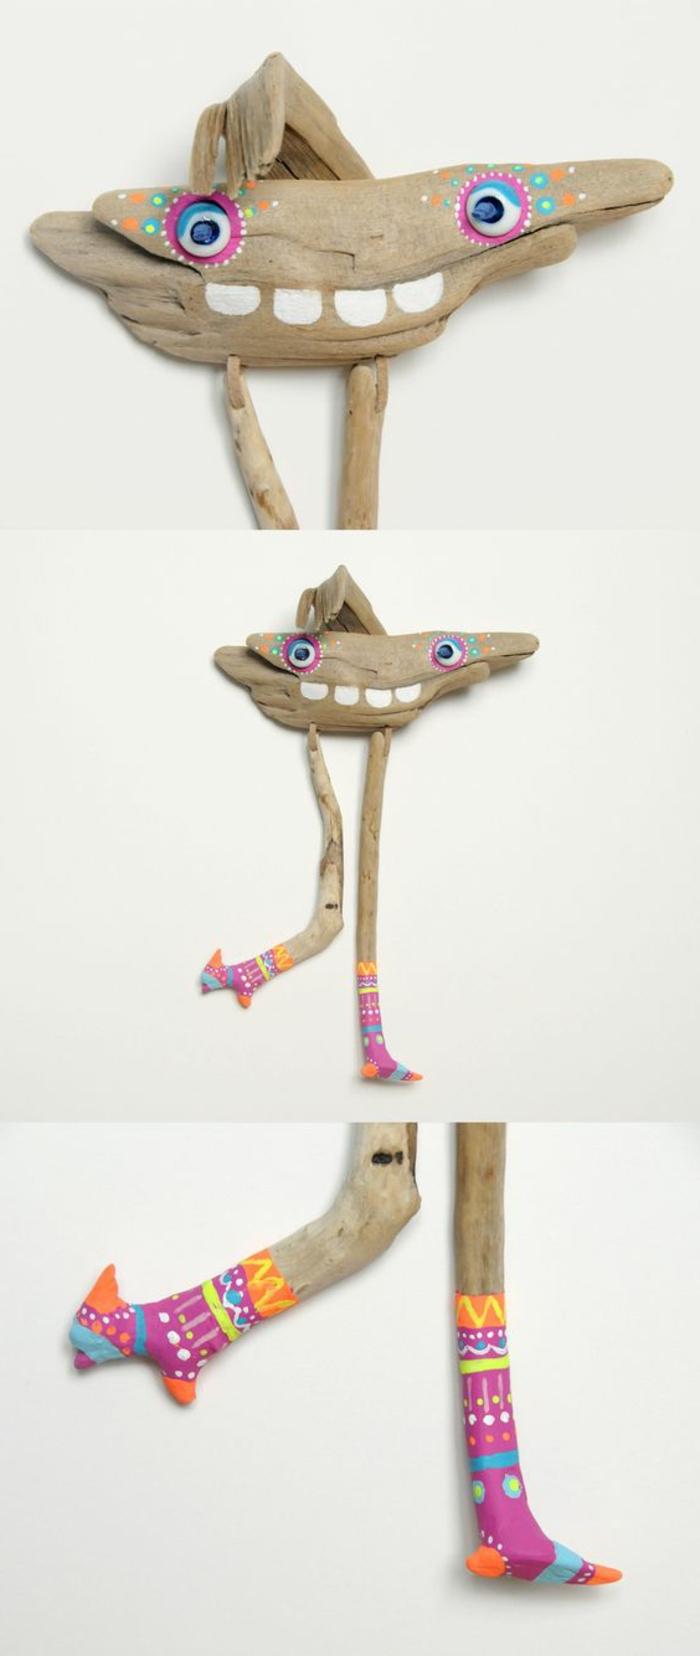 sculpture bois flotté, un être original fait de bois flotté